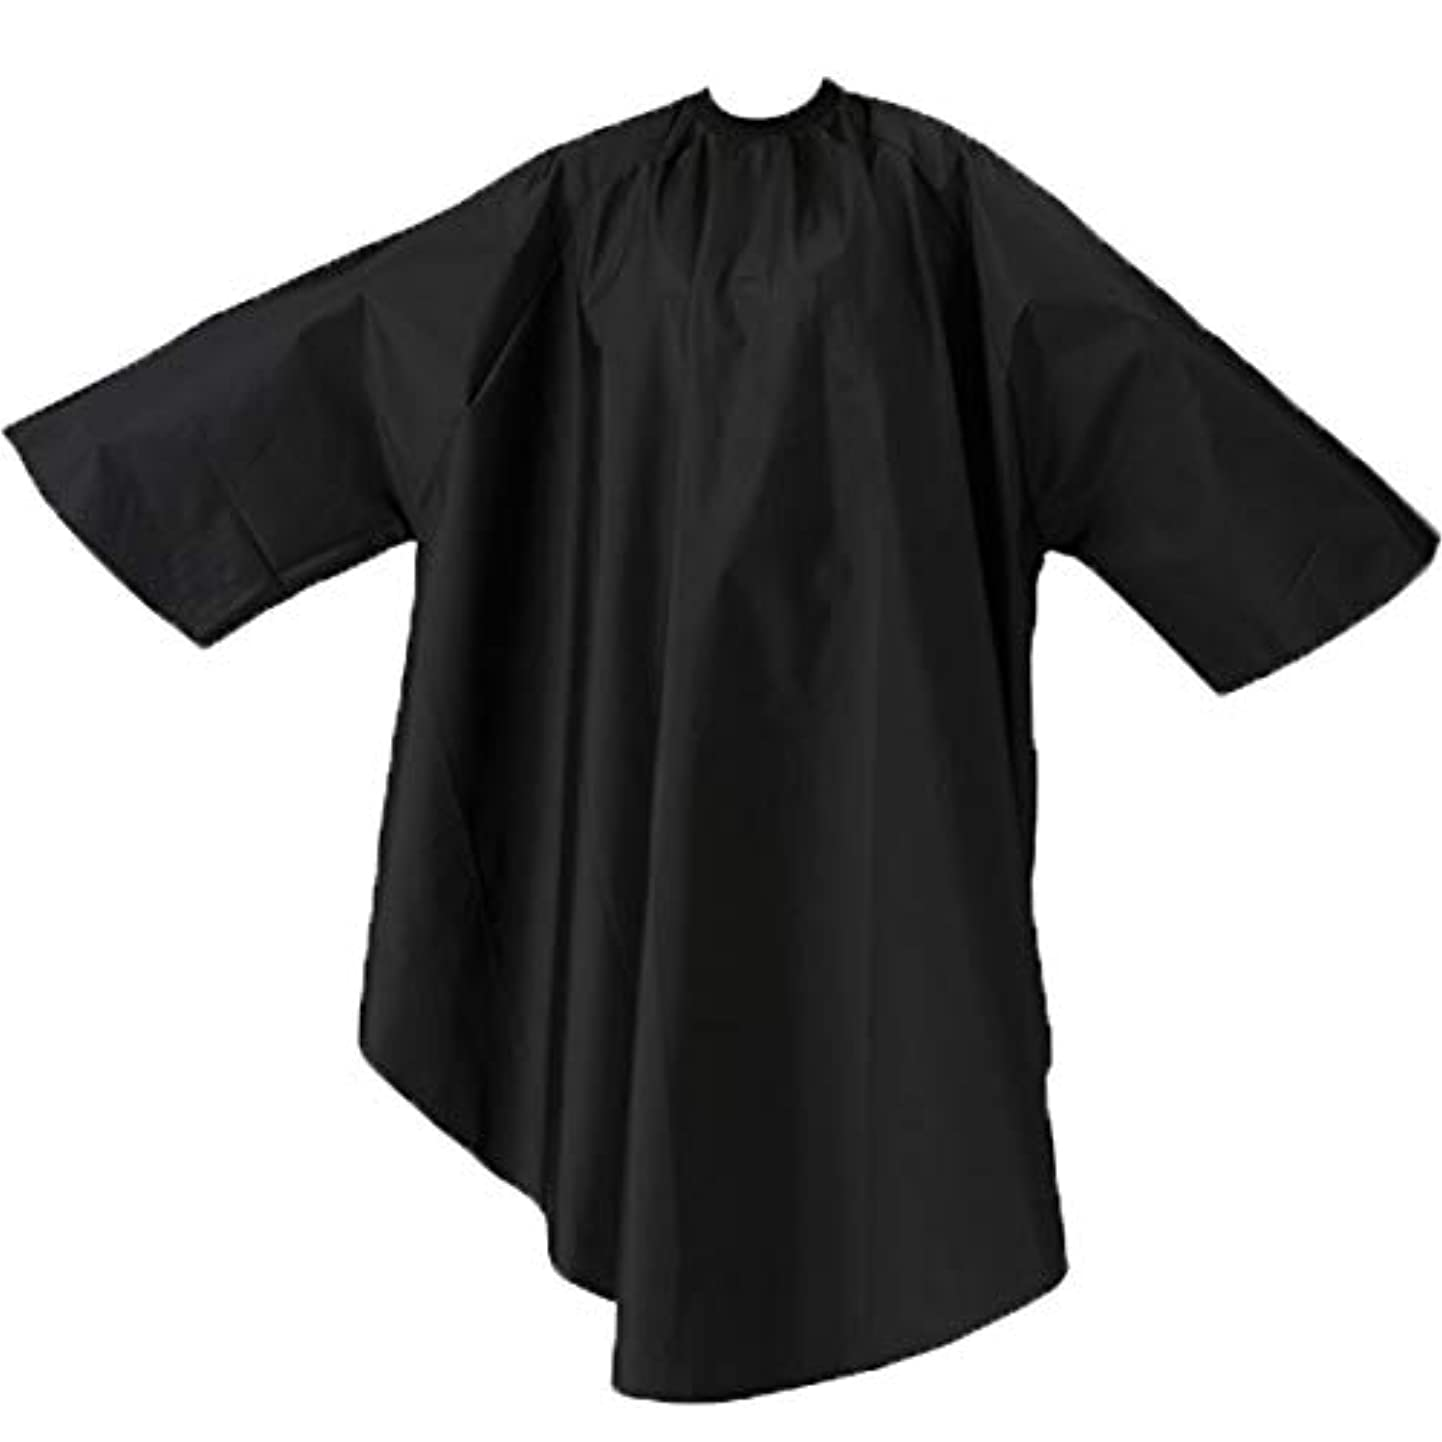 どう?豊富な薬用エルコ 9762 ザ?クロス SKITT II 袖付 ヘアダイ&カットクロス ナイロン100% ヘアカラー/散髪ケープ/カットクロス/刈布 ELCO (首回り52cm, ブラック)